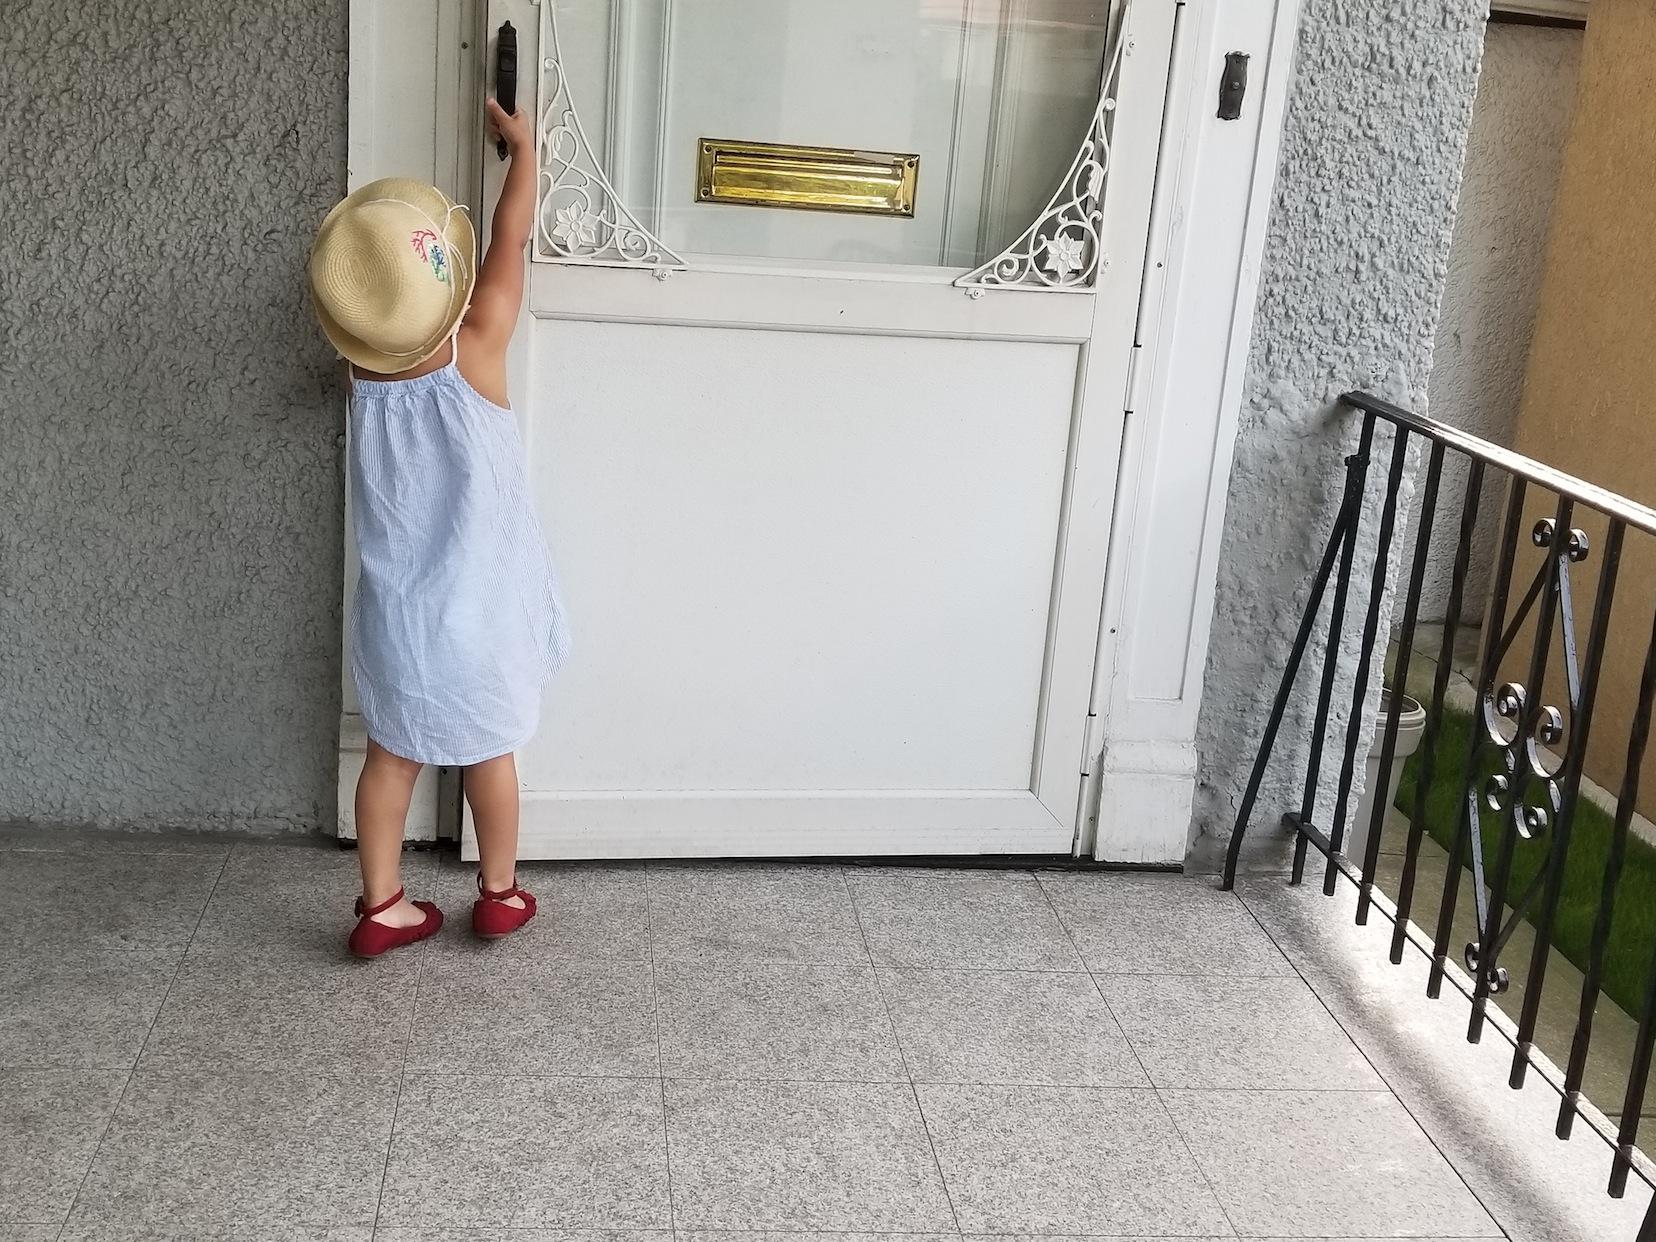 Helen opening a door